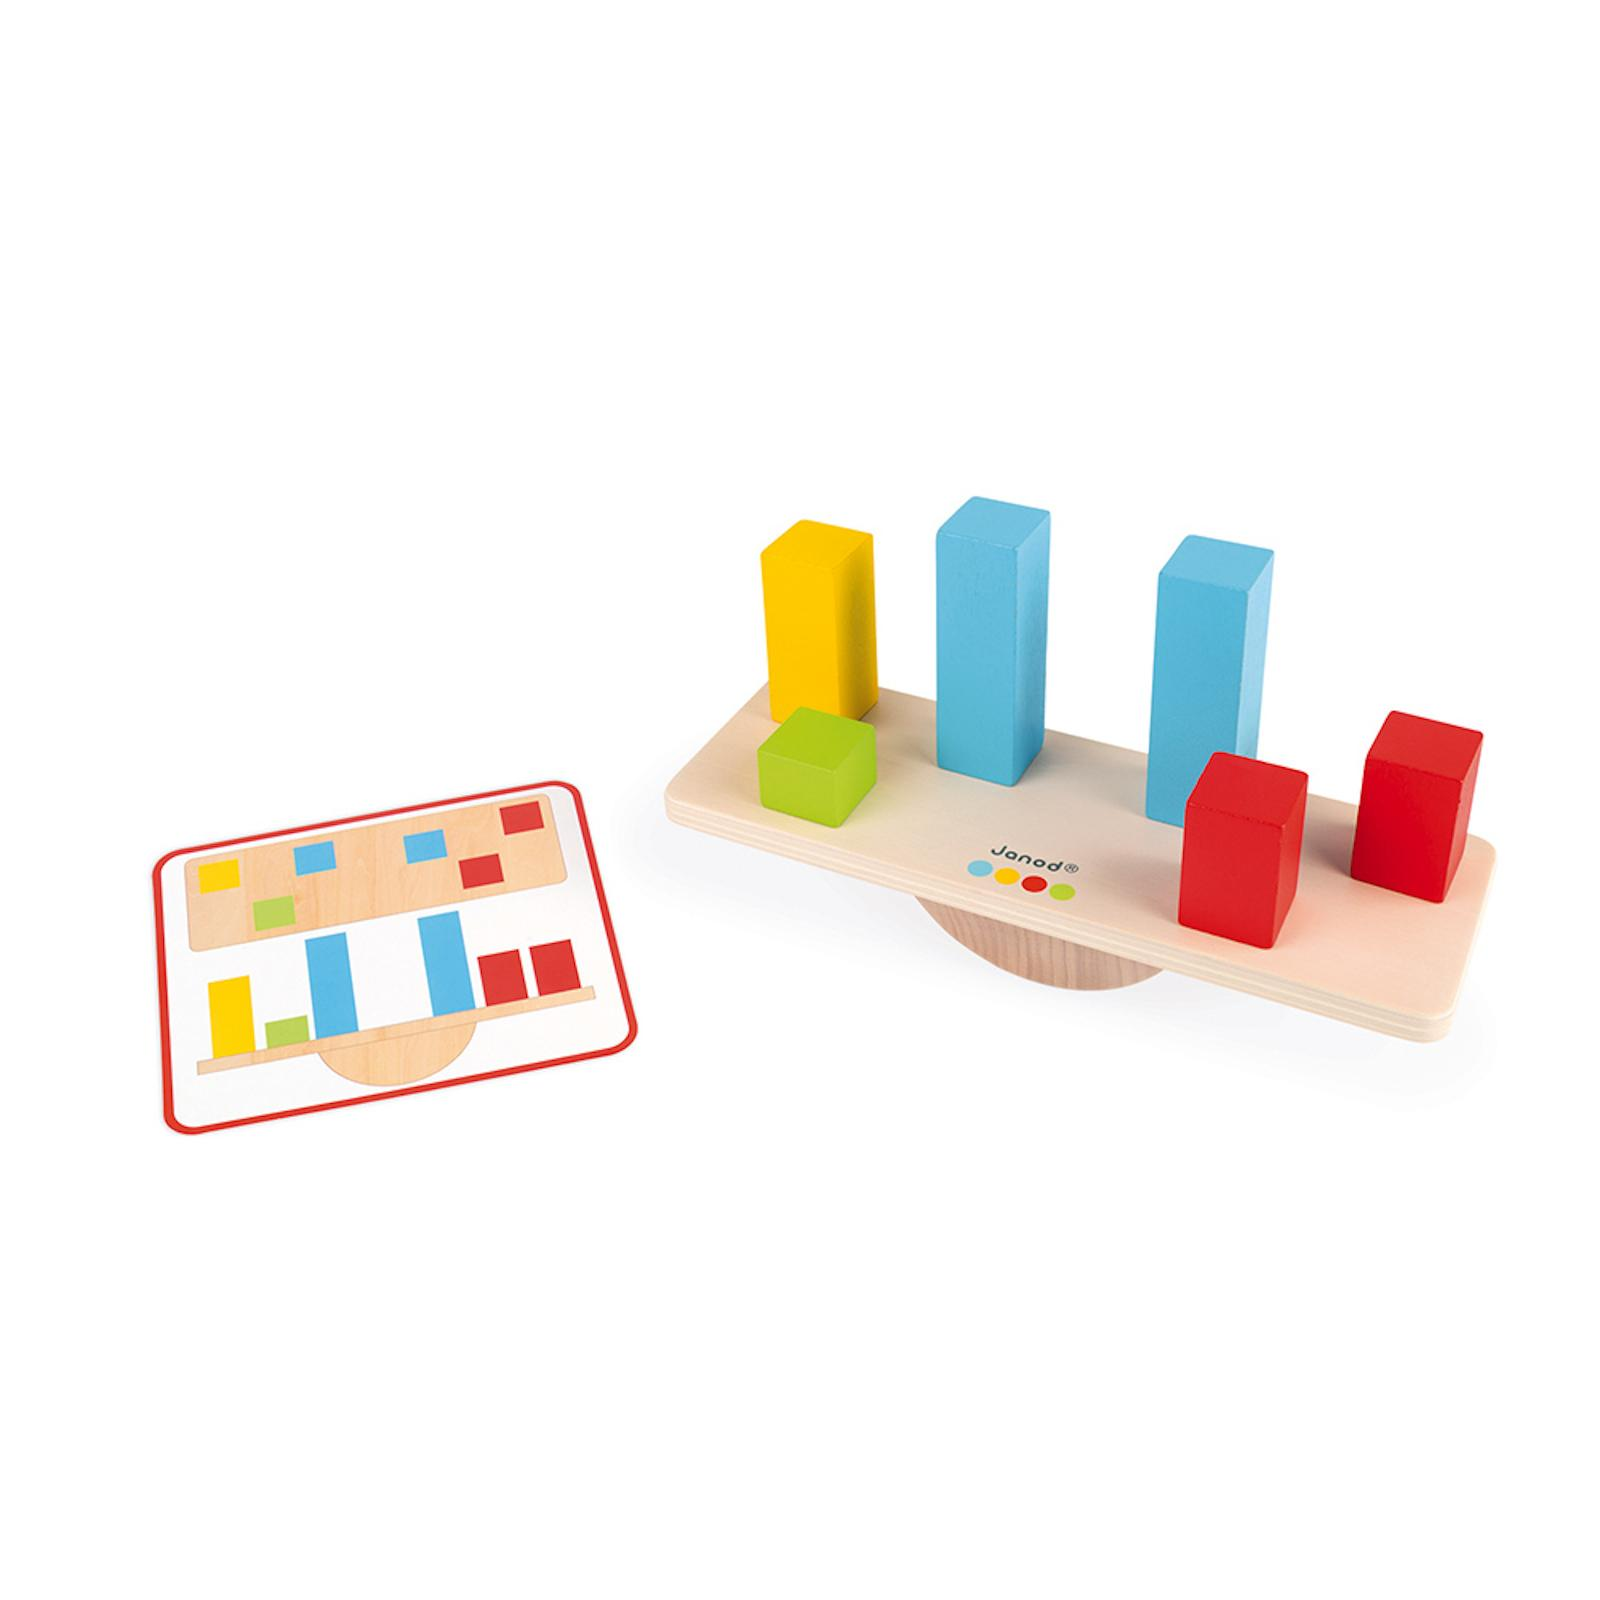 Janod Dřevěná hračka váhy a závaží s předlohami série Montessori 1 ks